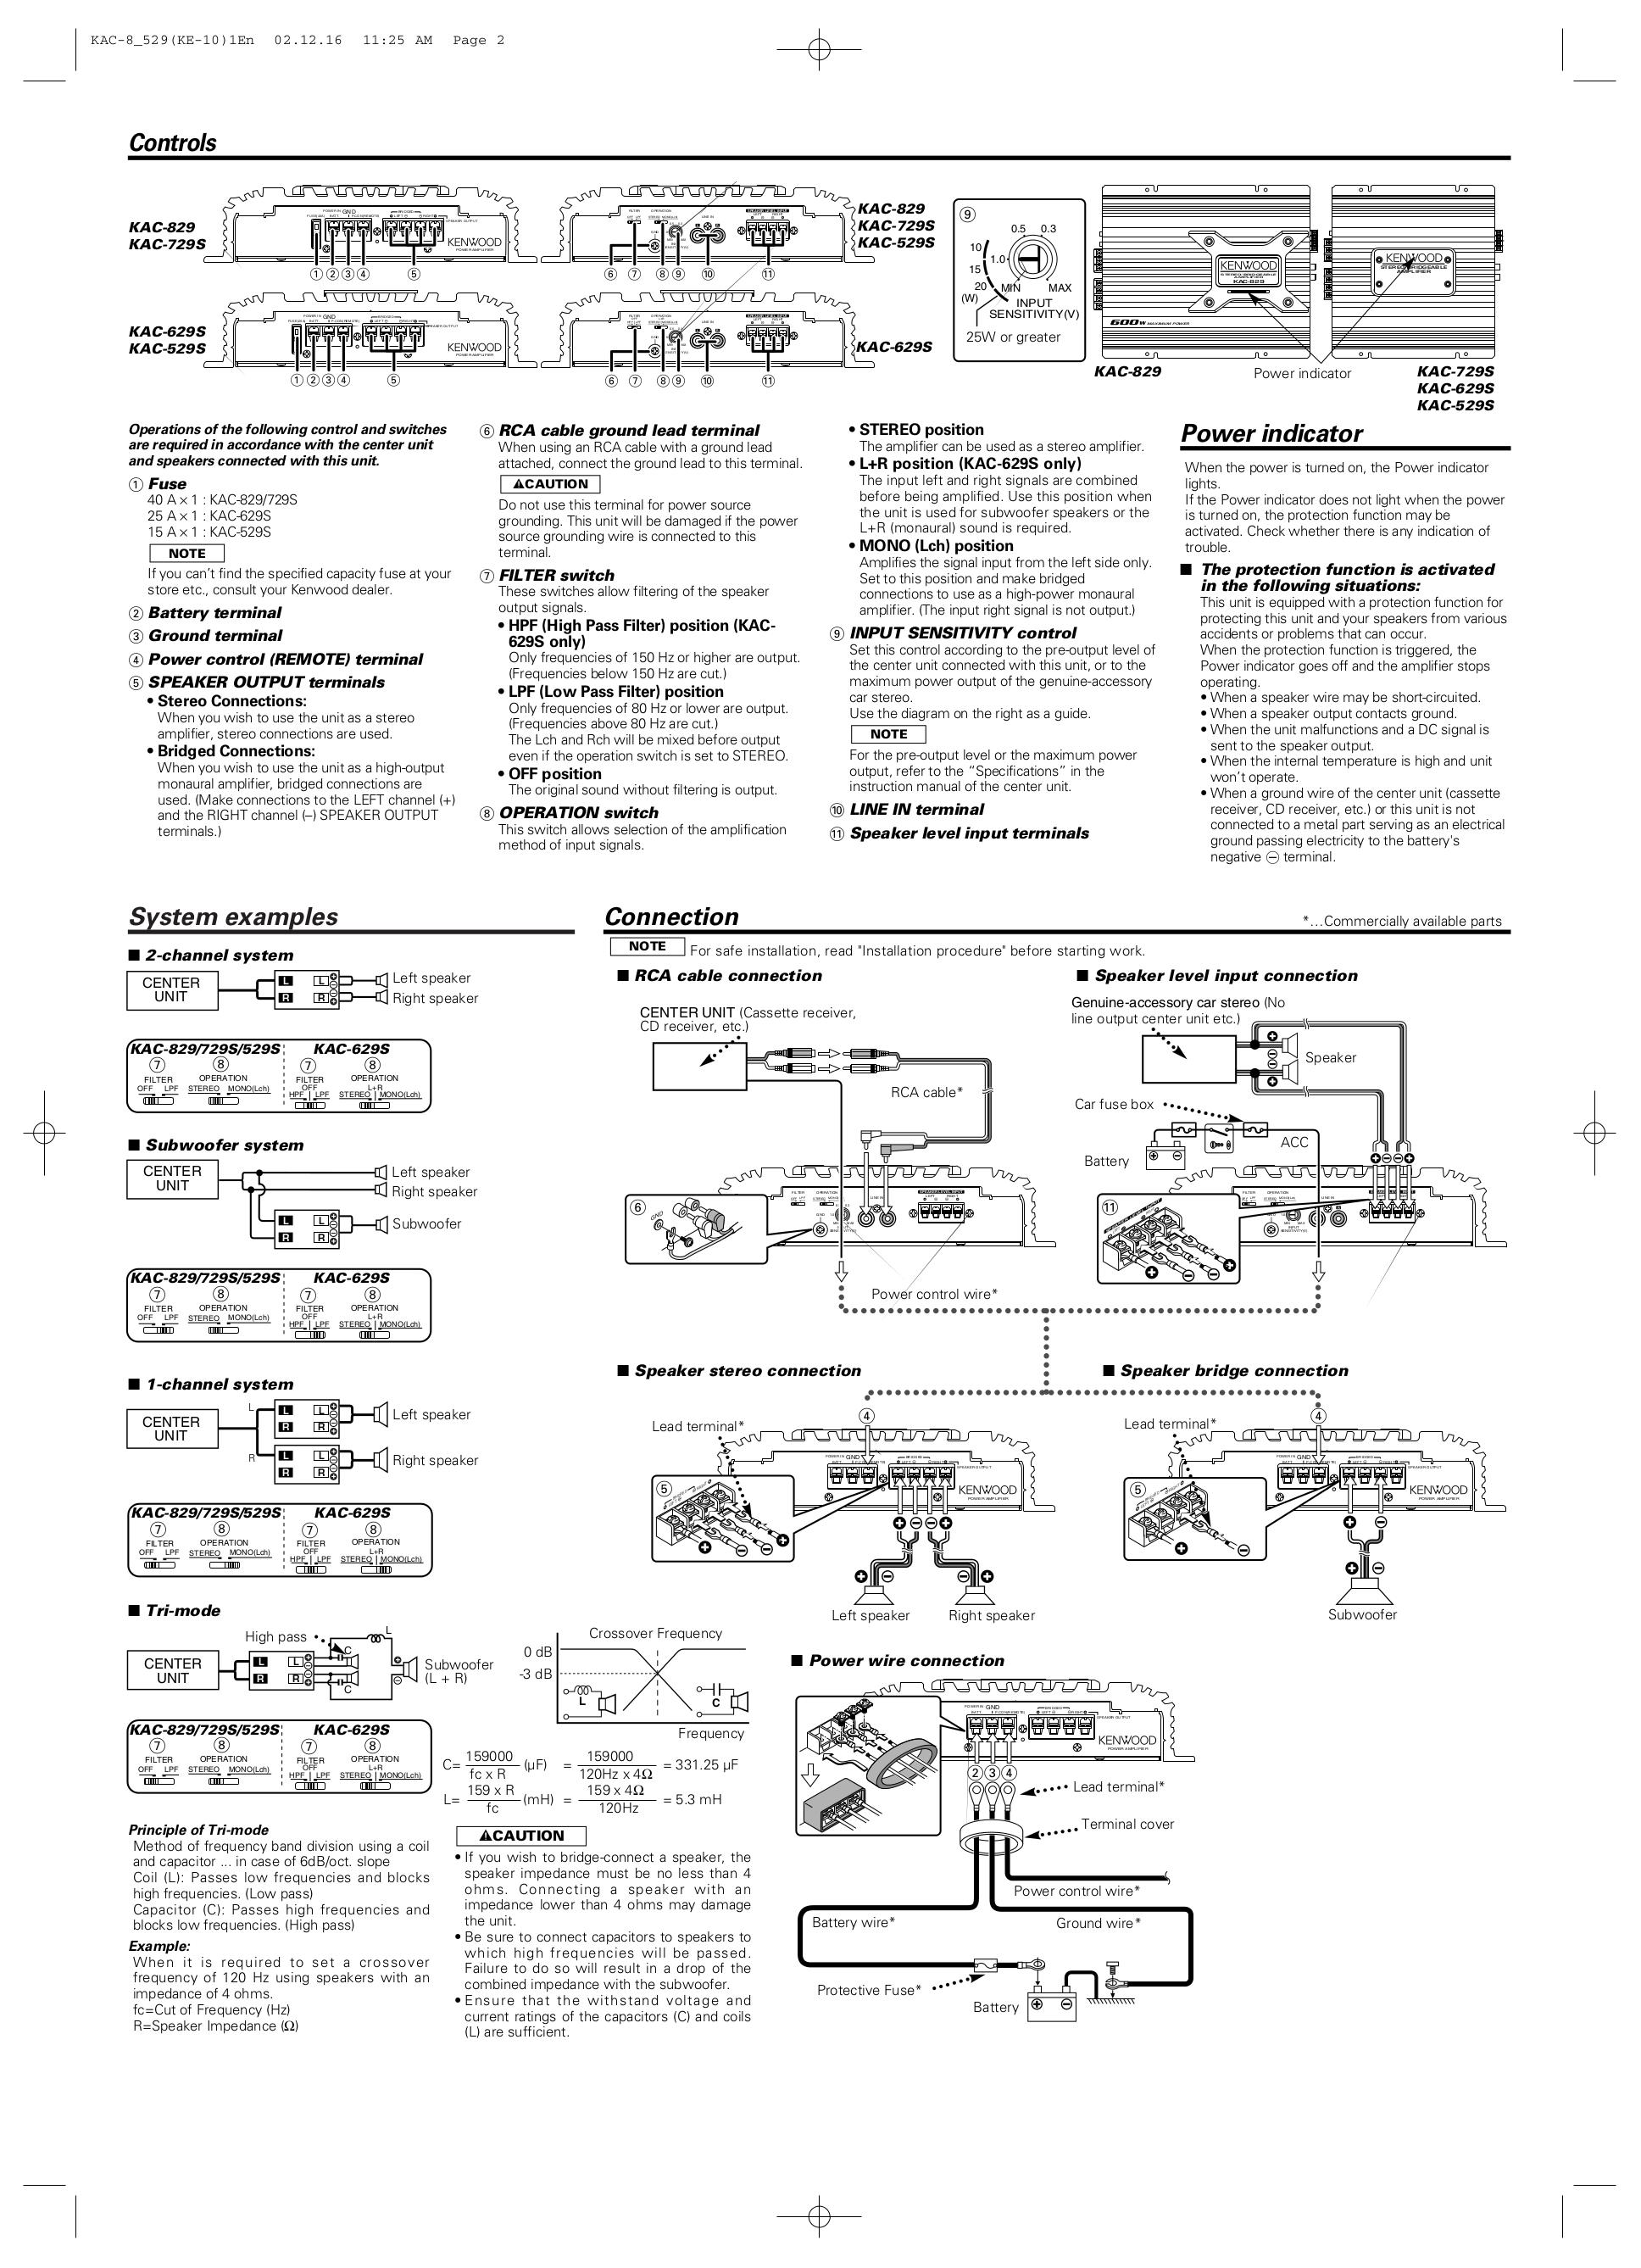 PDF manual for Kenwood Car Amplifier KAC-629S on